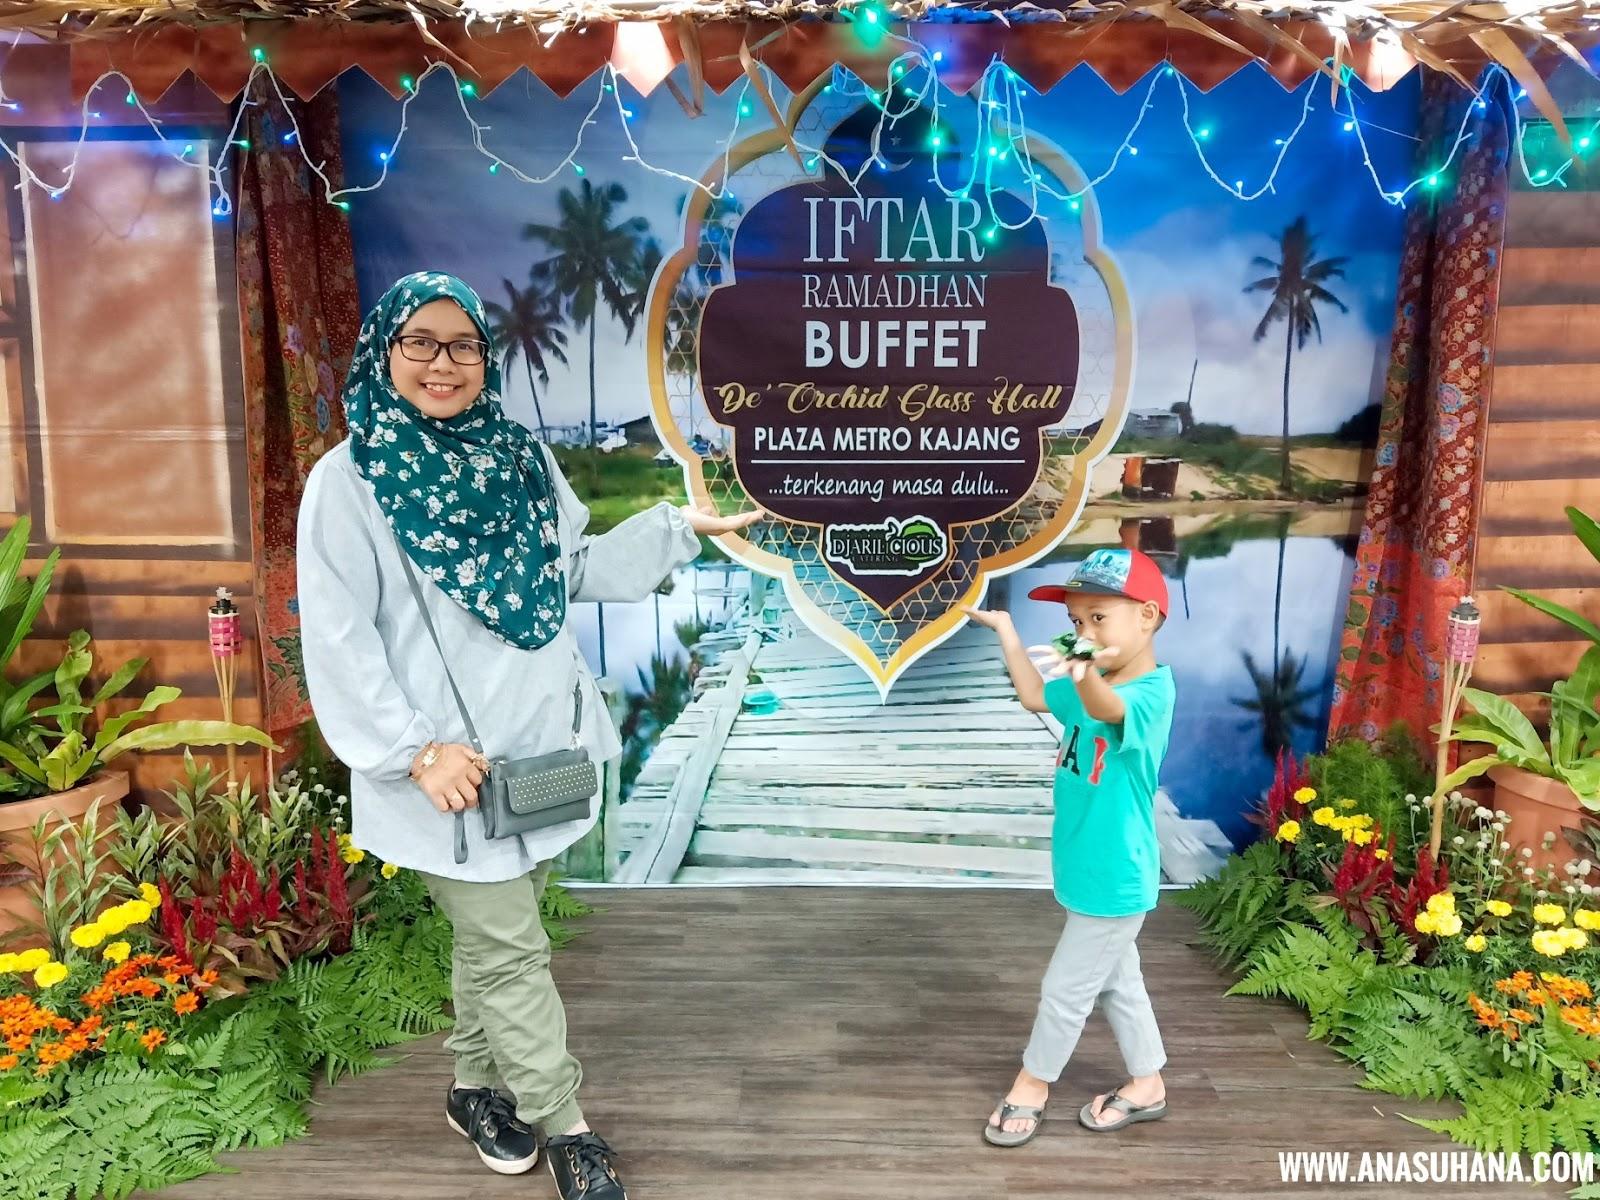 Bufet Ramadan Sajian Melayu Murah di Kajang dari Djarilicious Catering